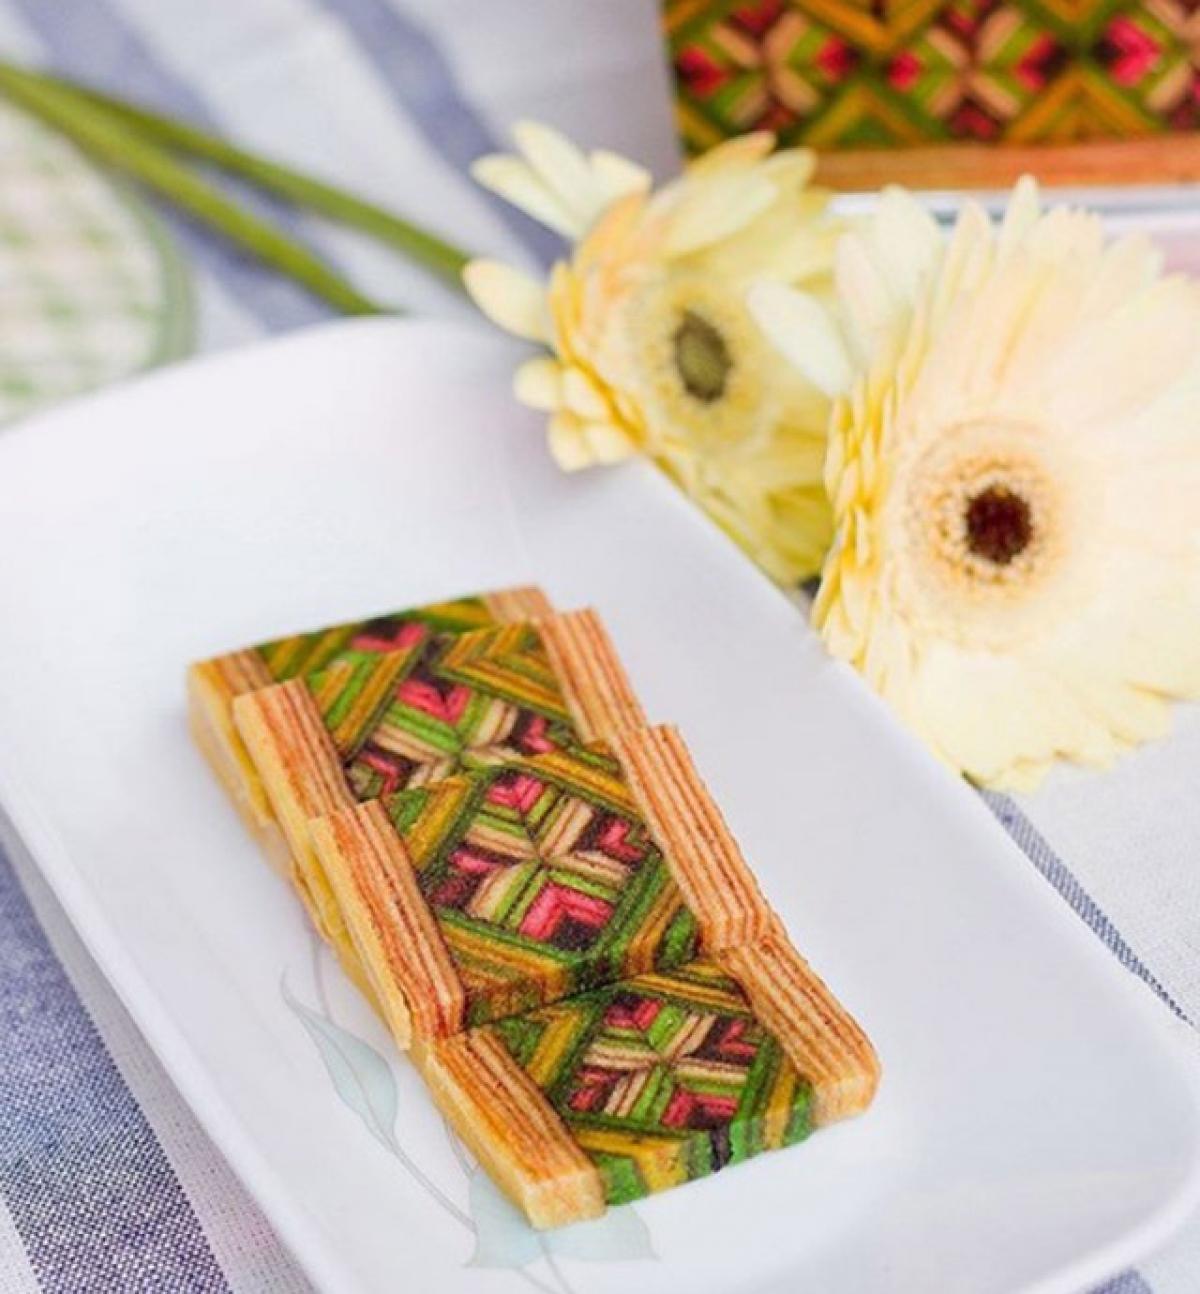 Kek Lapis Sarawak xuất hiện trong nhiều dịp lễ hội của Malaysia, trong đó có cả Tết cổ truyền./.